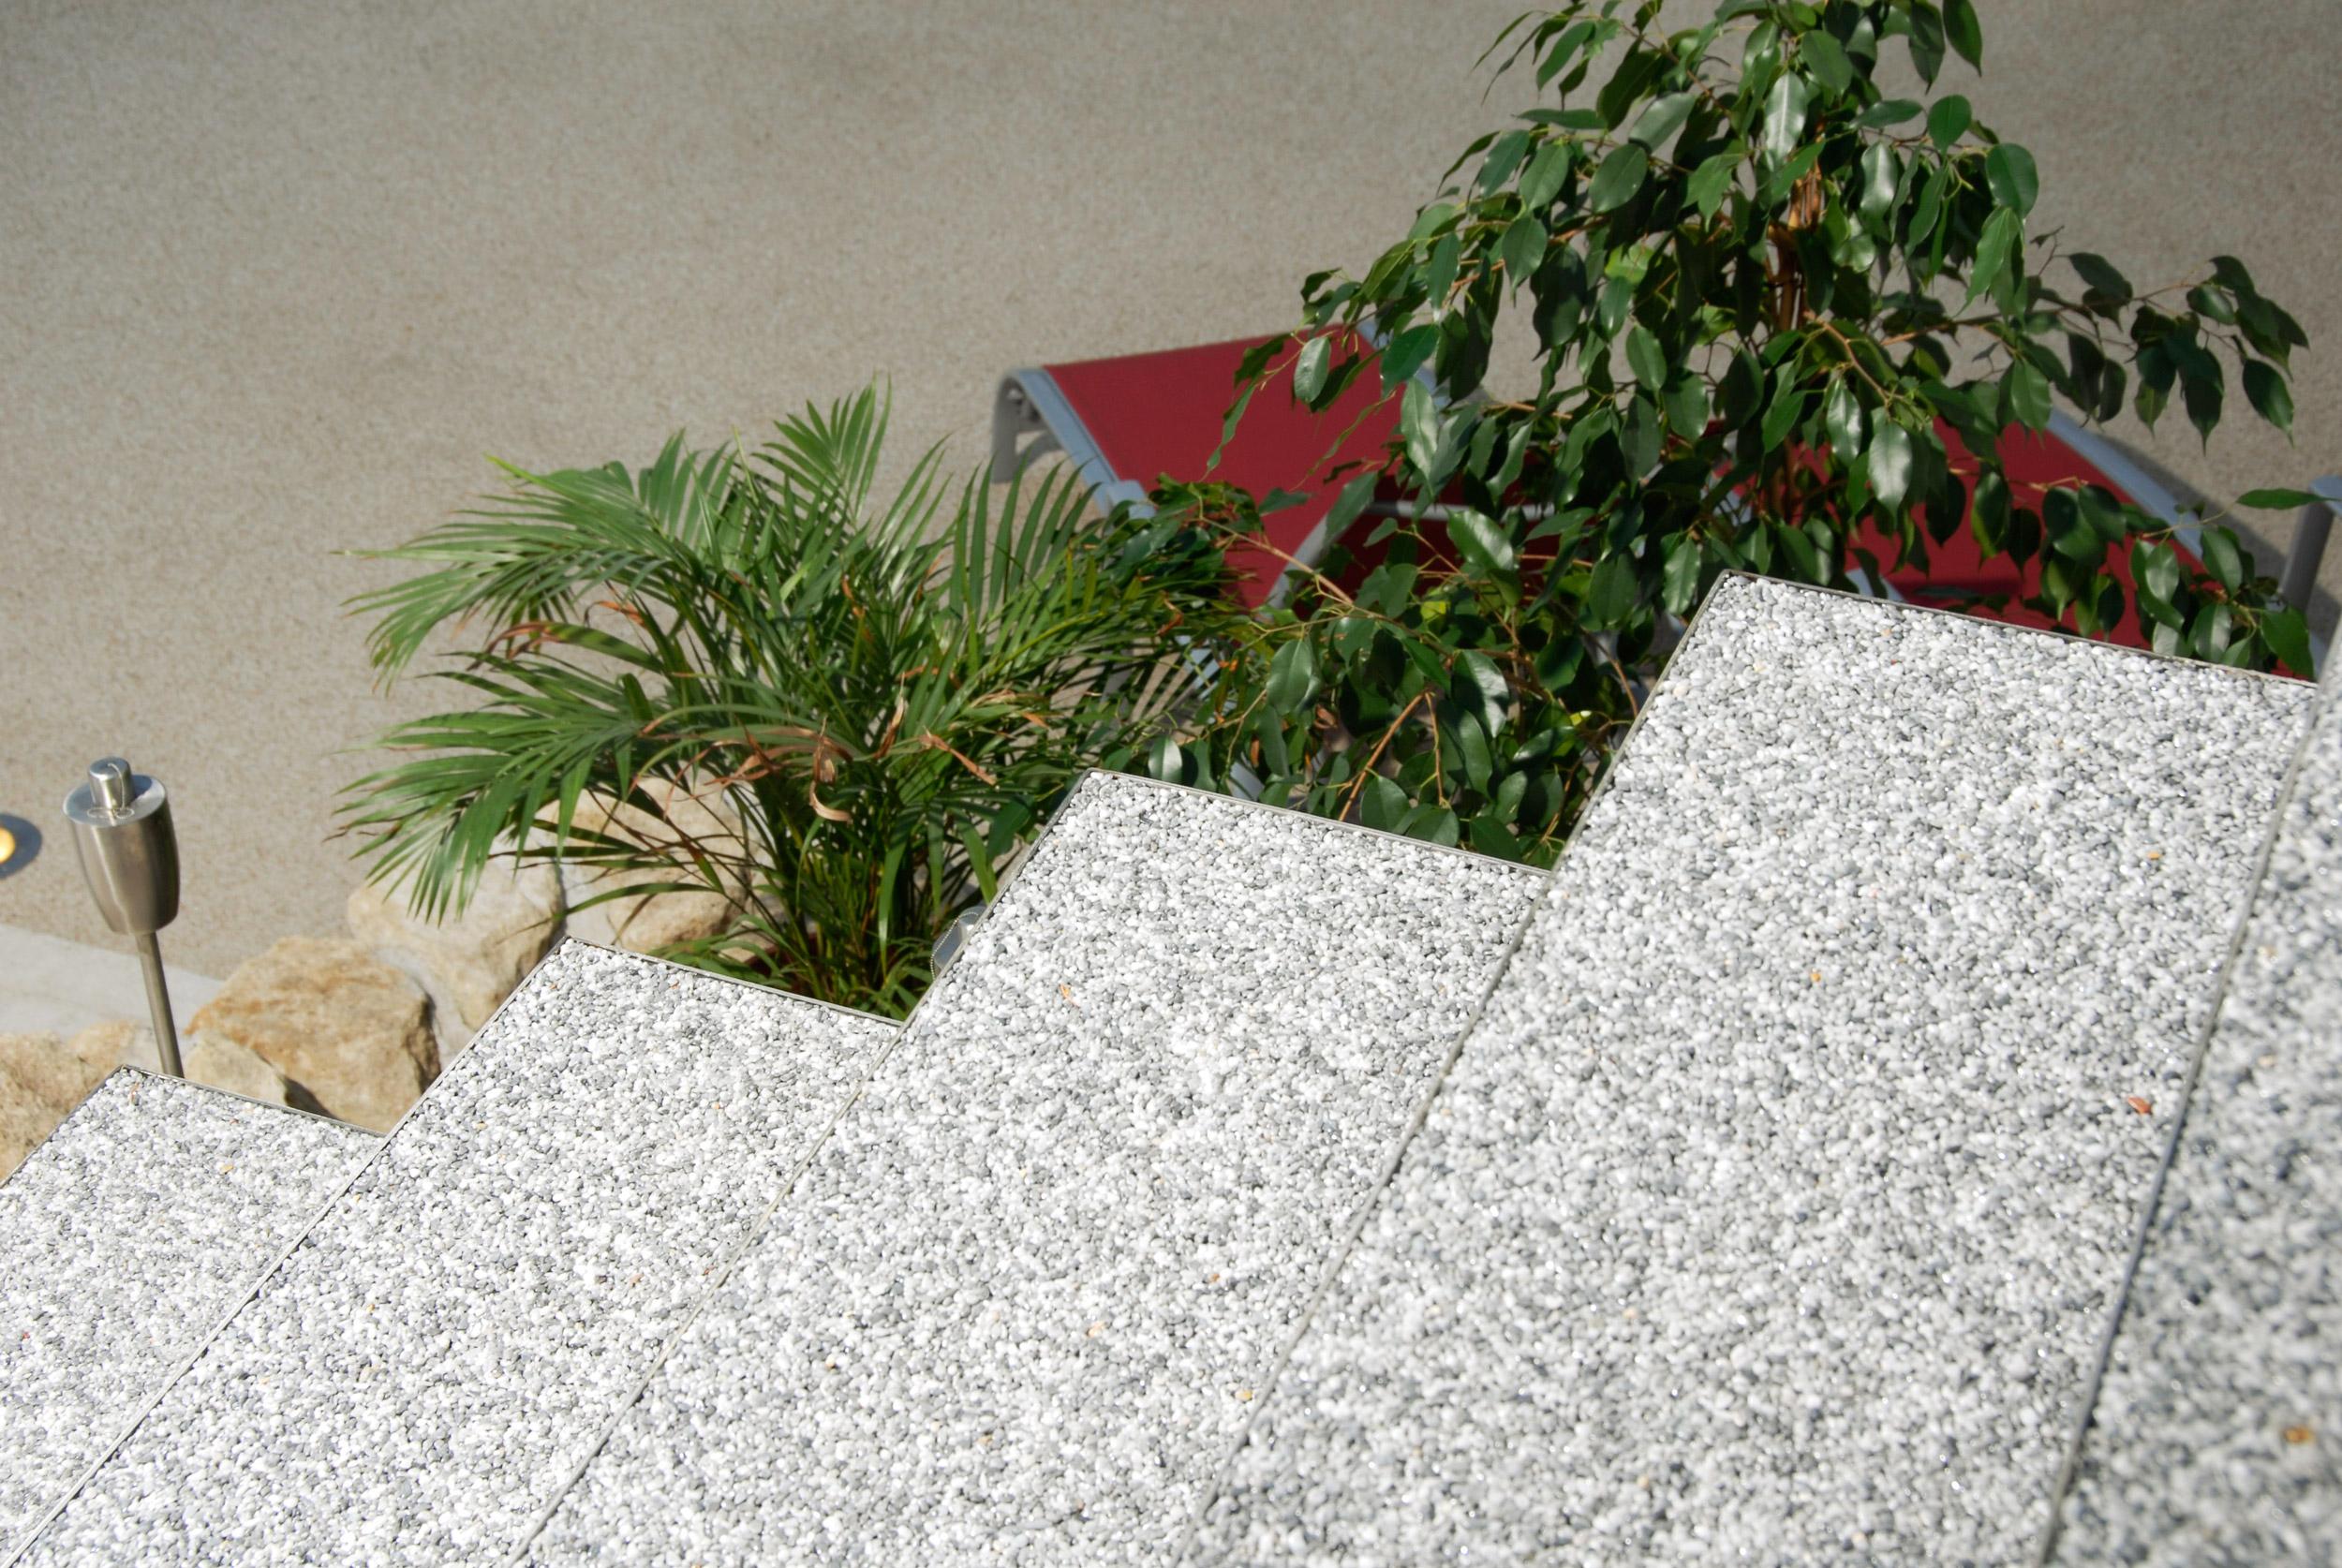 Detailaufnahme von Nirowannen als Stufen mit Natursteinteppich ausgelegt.